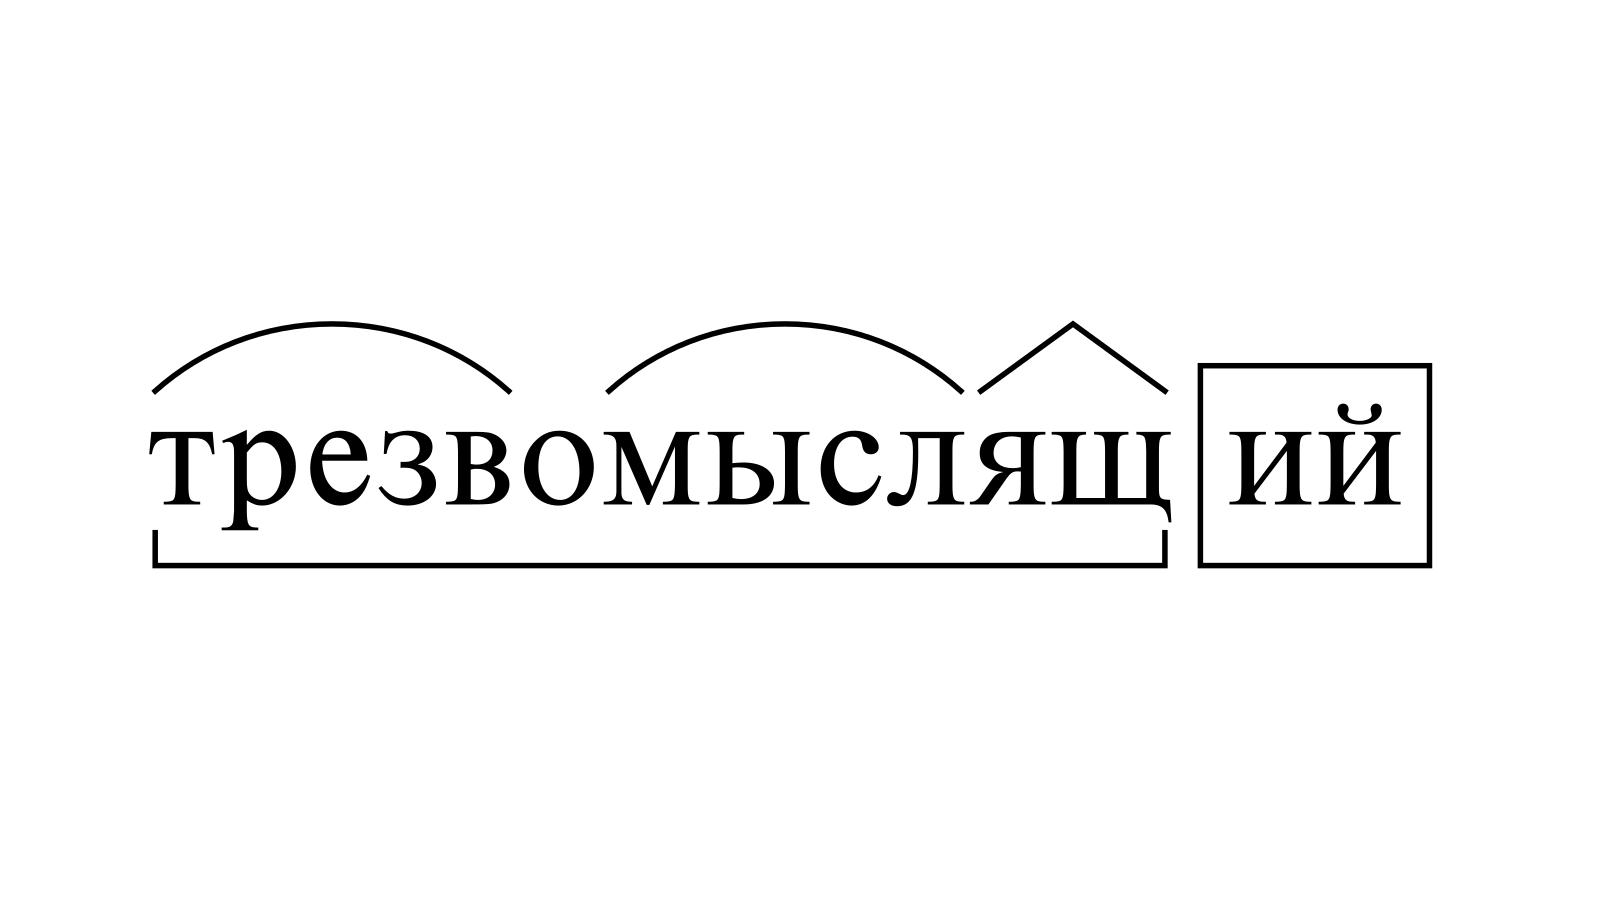 Разбор слова «трезвомыслящий» по составу